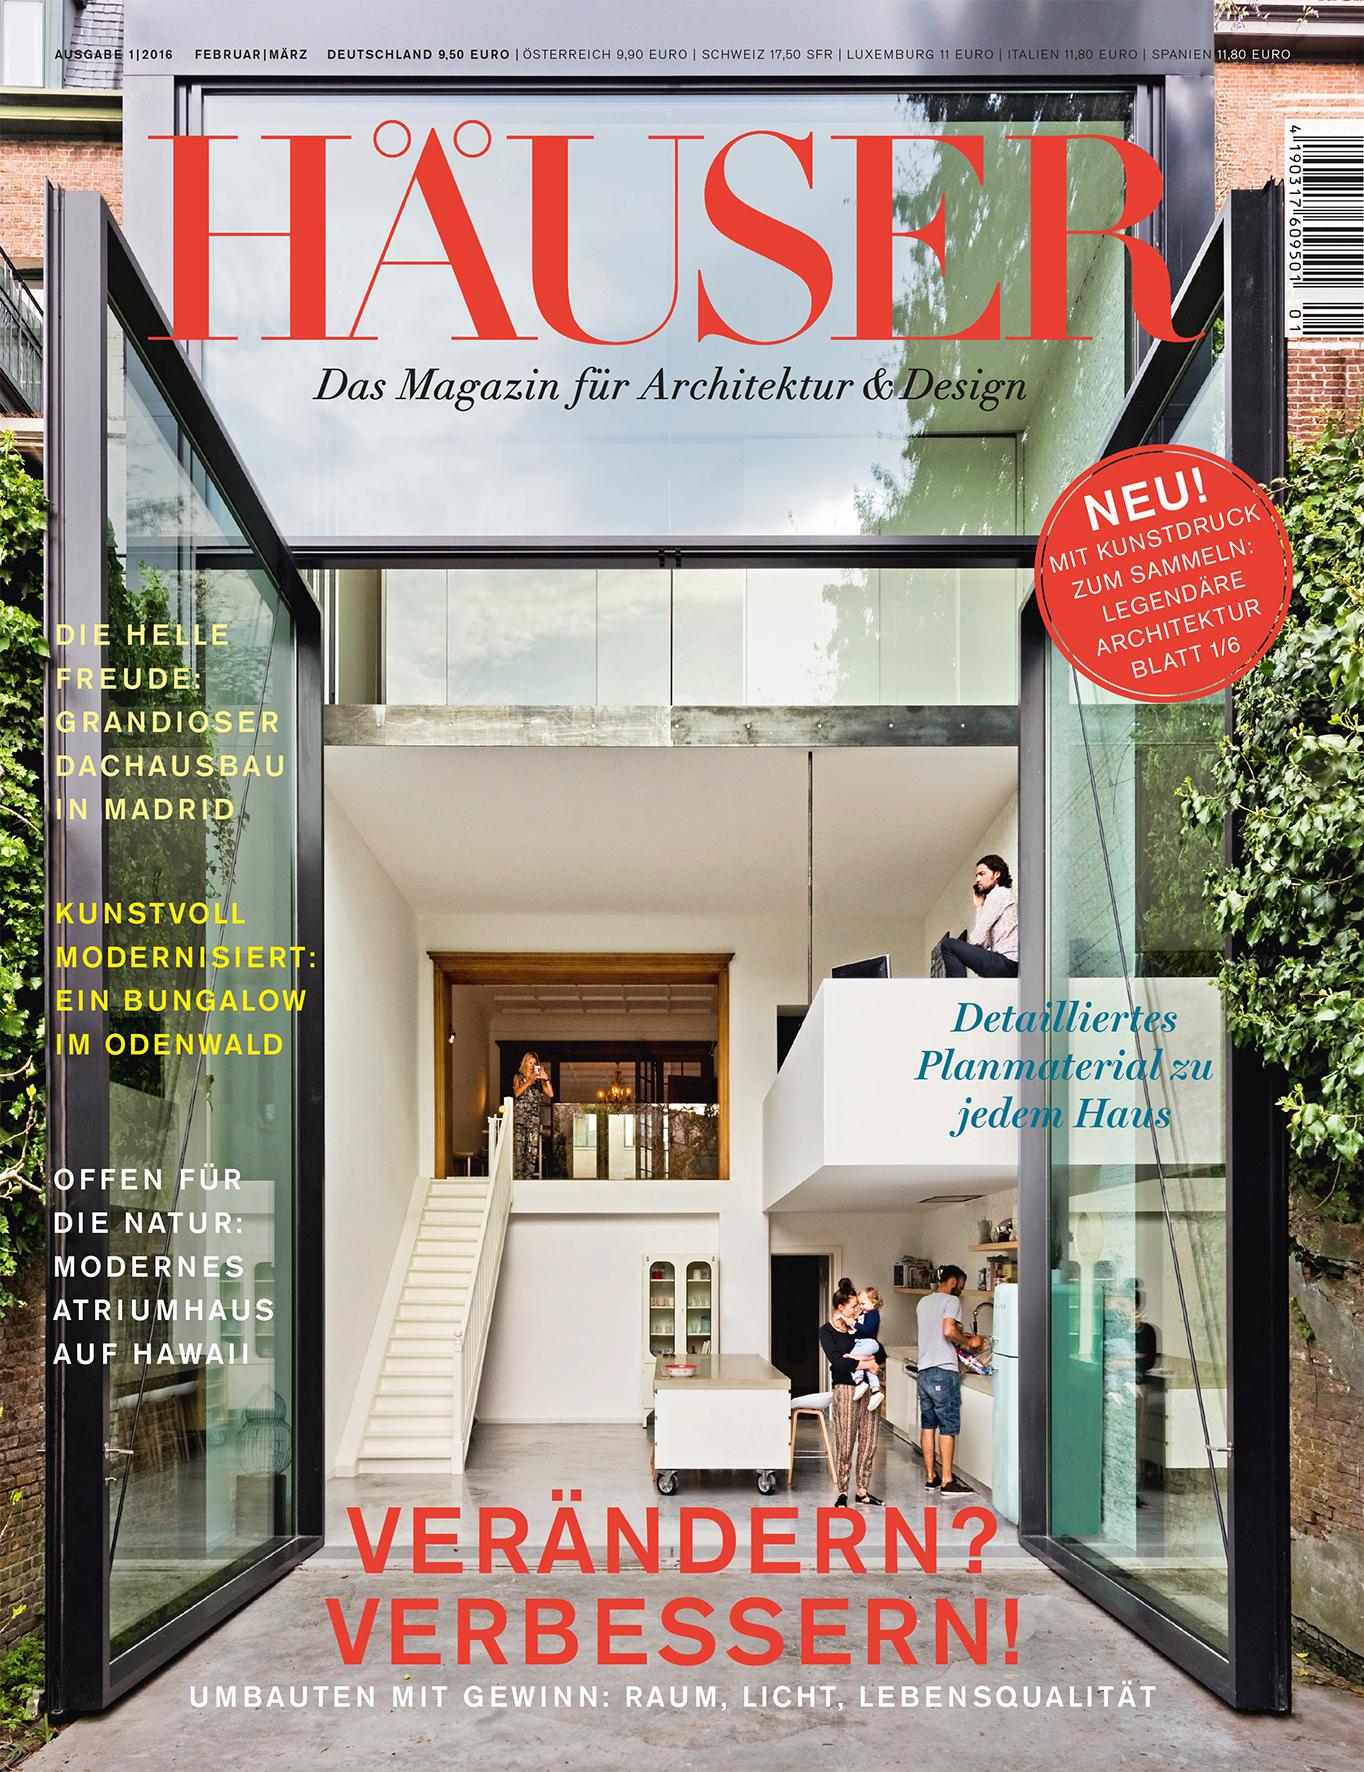 spektakul re h user deutschlands premium architektur magazin h user sucht f r den. Black Bedroom Furniture Sets. Home Design Ideas